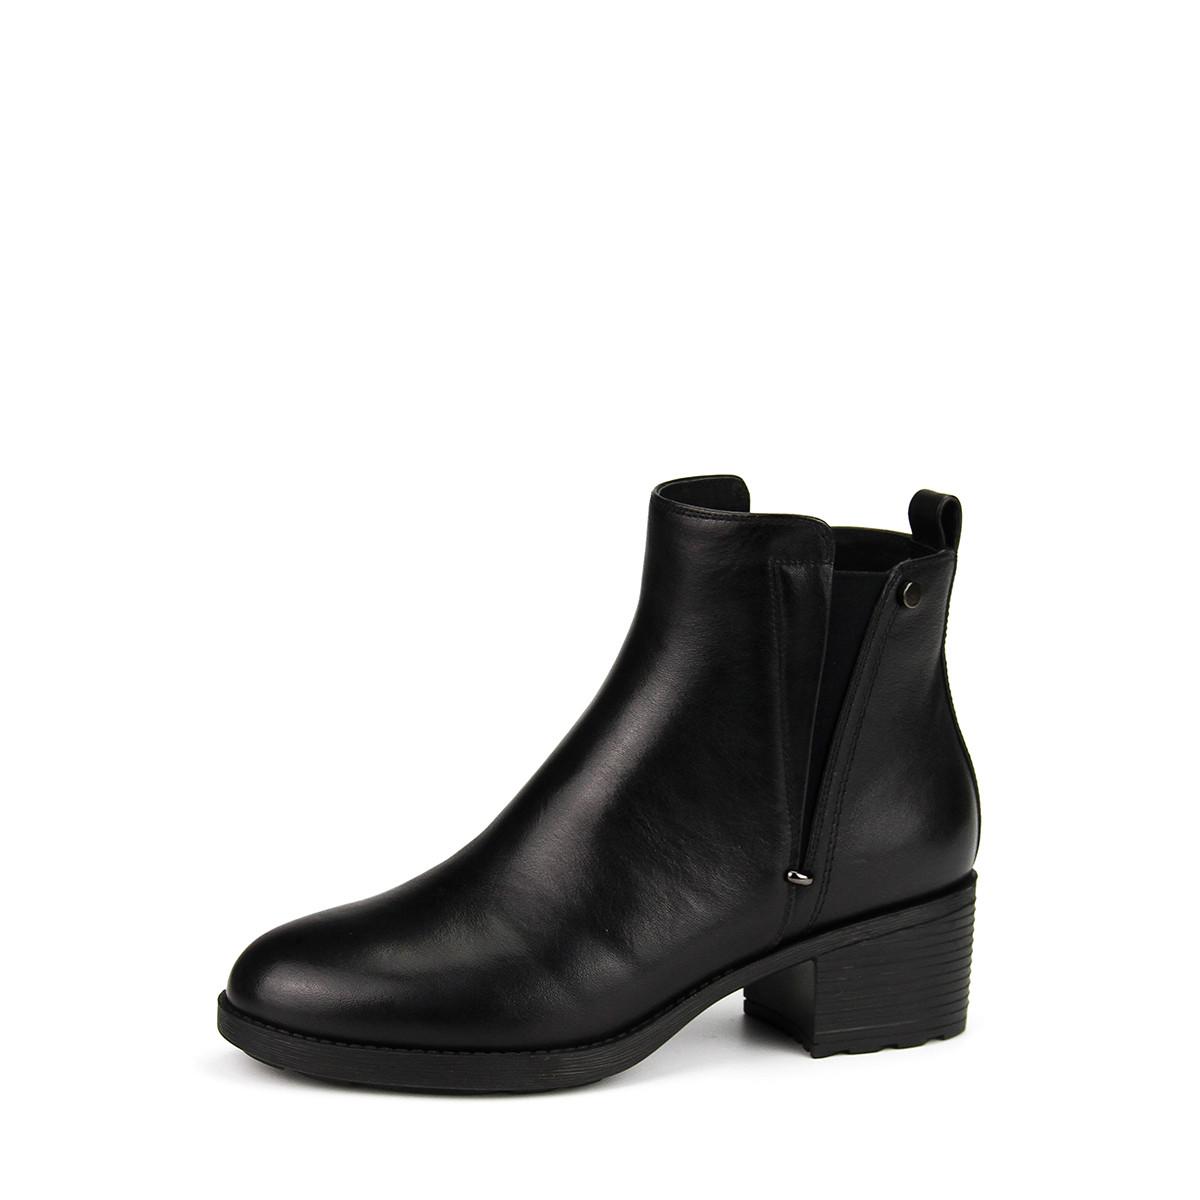 莱思丽冬季新品素面简约粗跟牛皮短靴KE88-LD5376-01